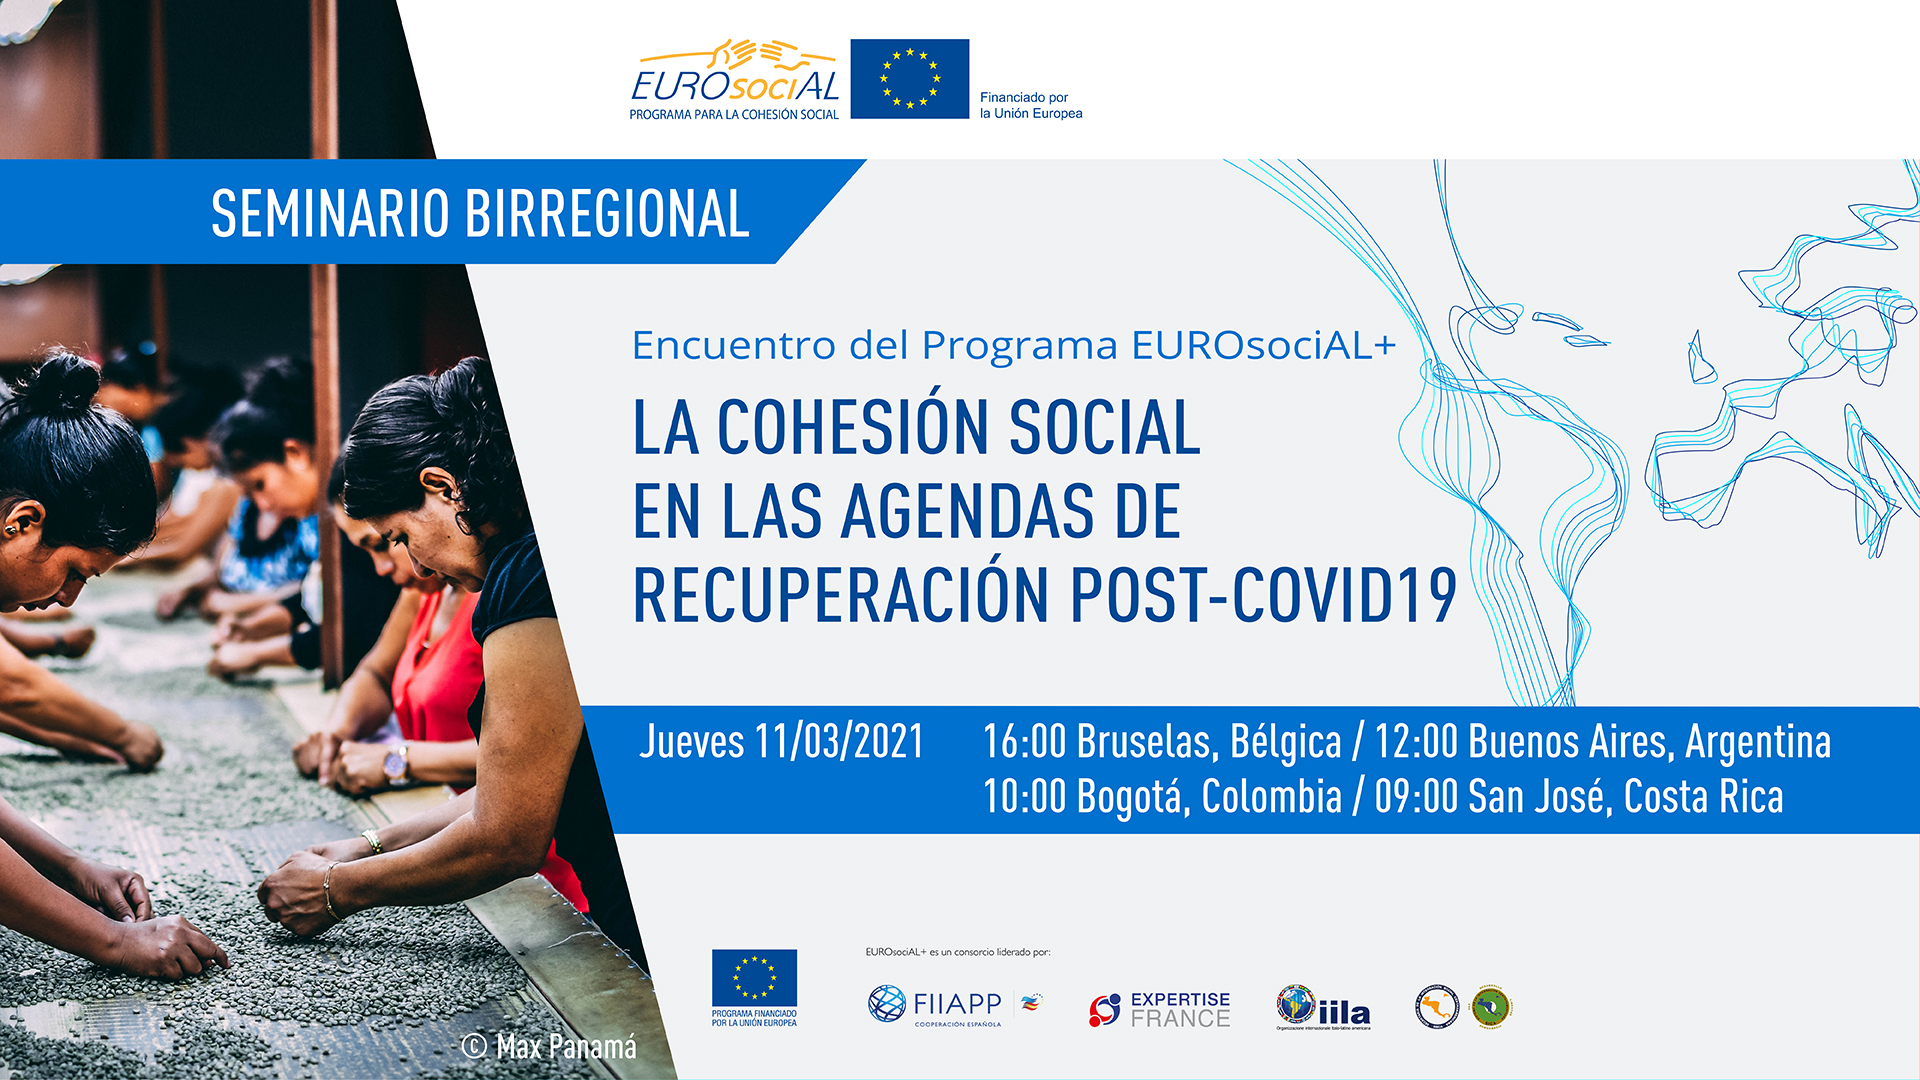 La cohesión social en las agendas de recuperación post-COVID19